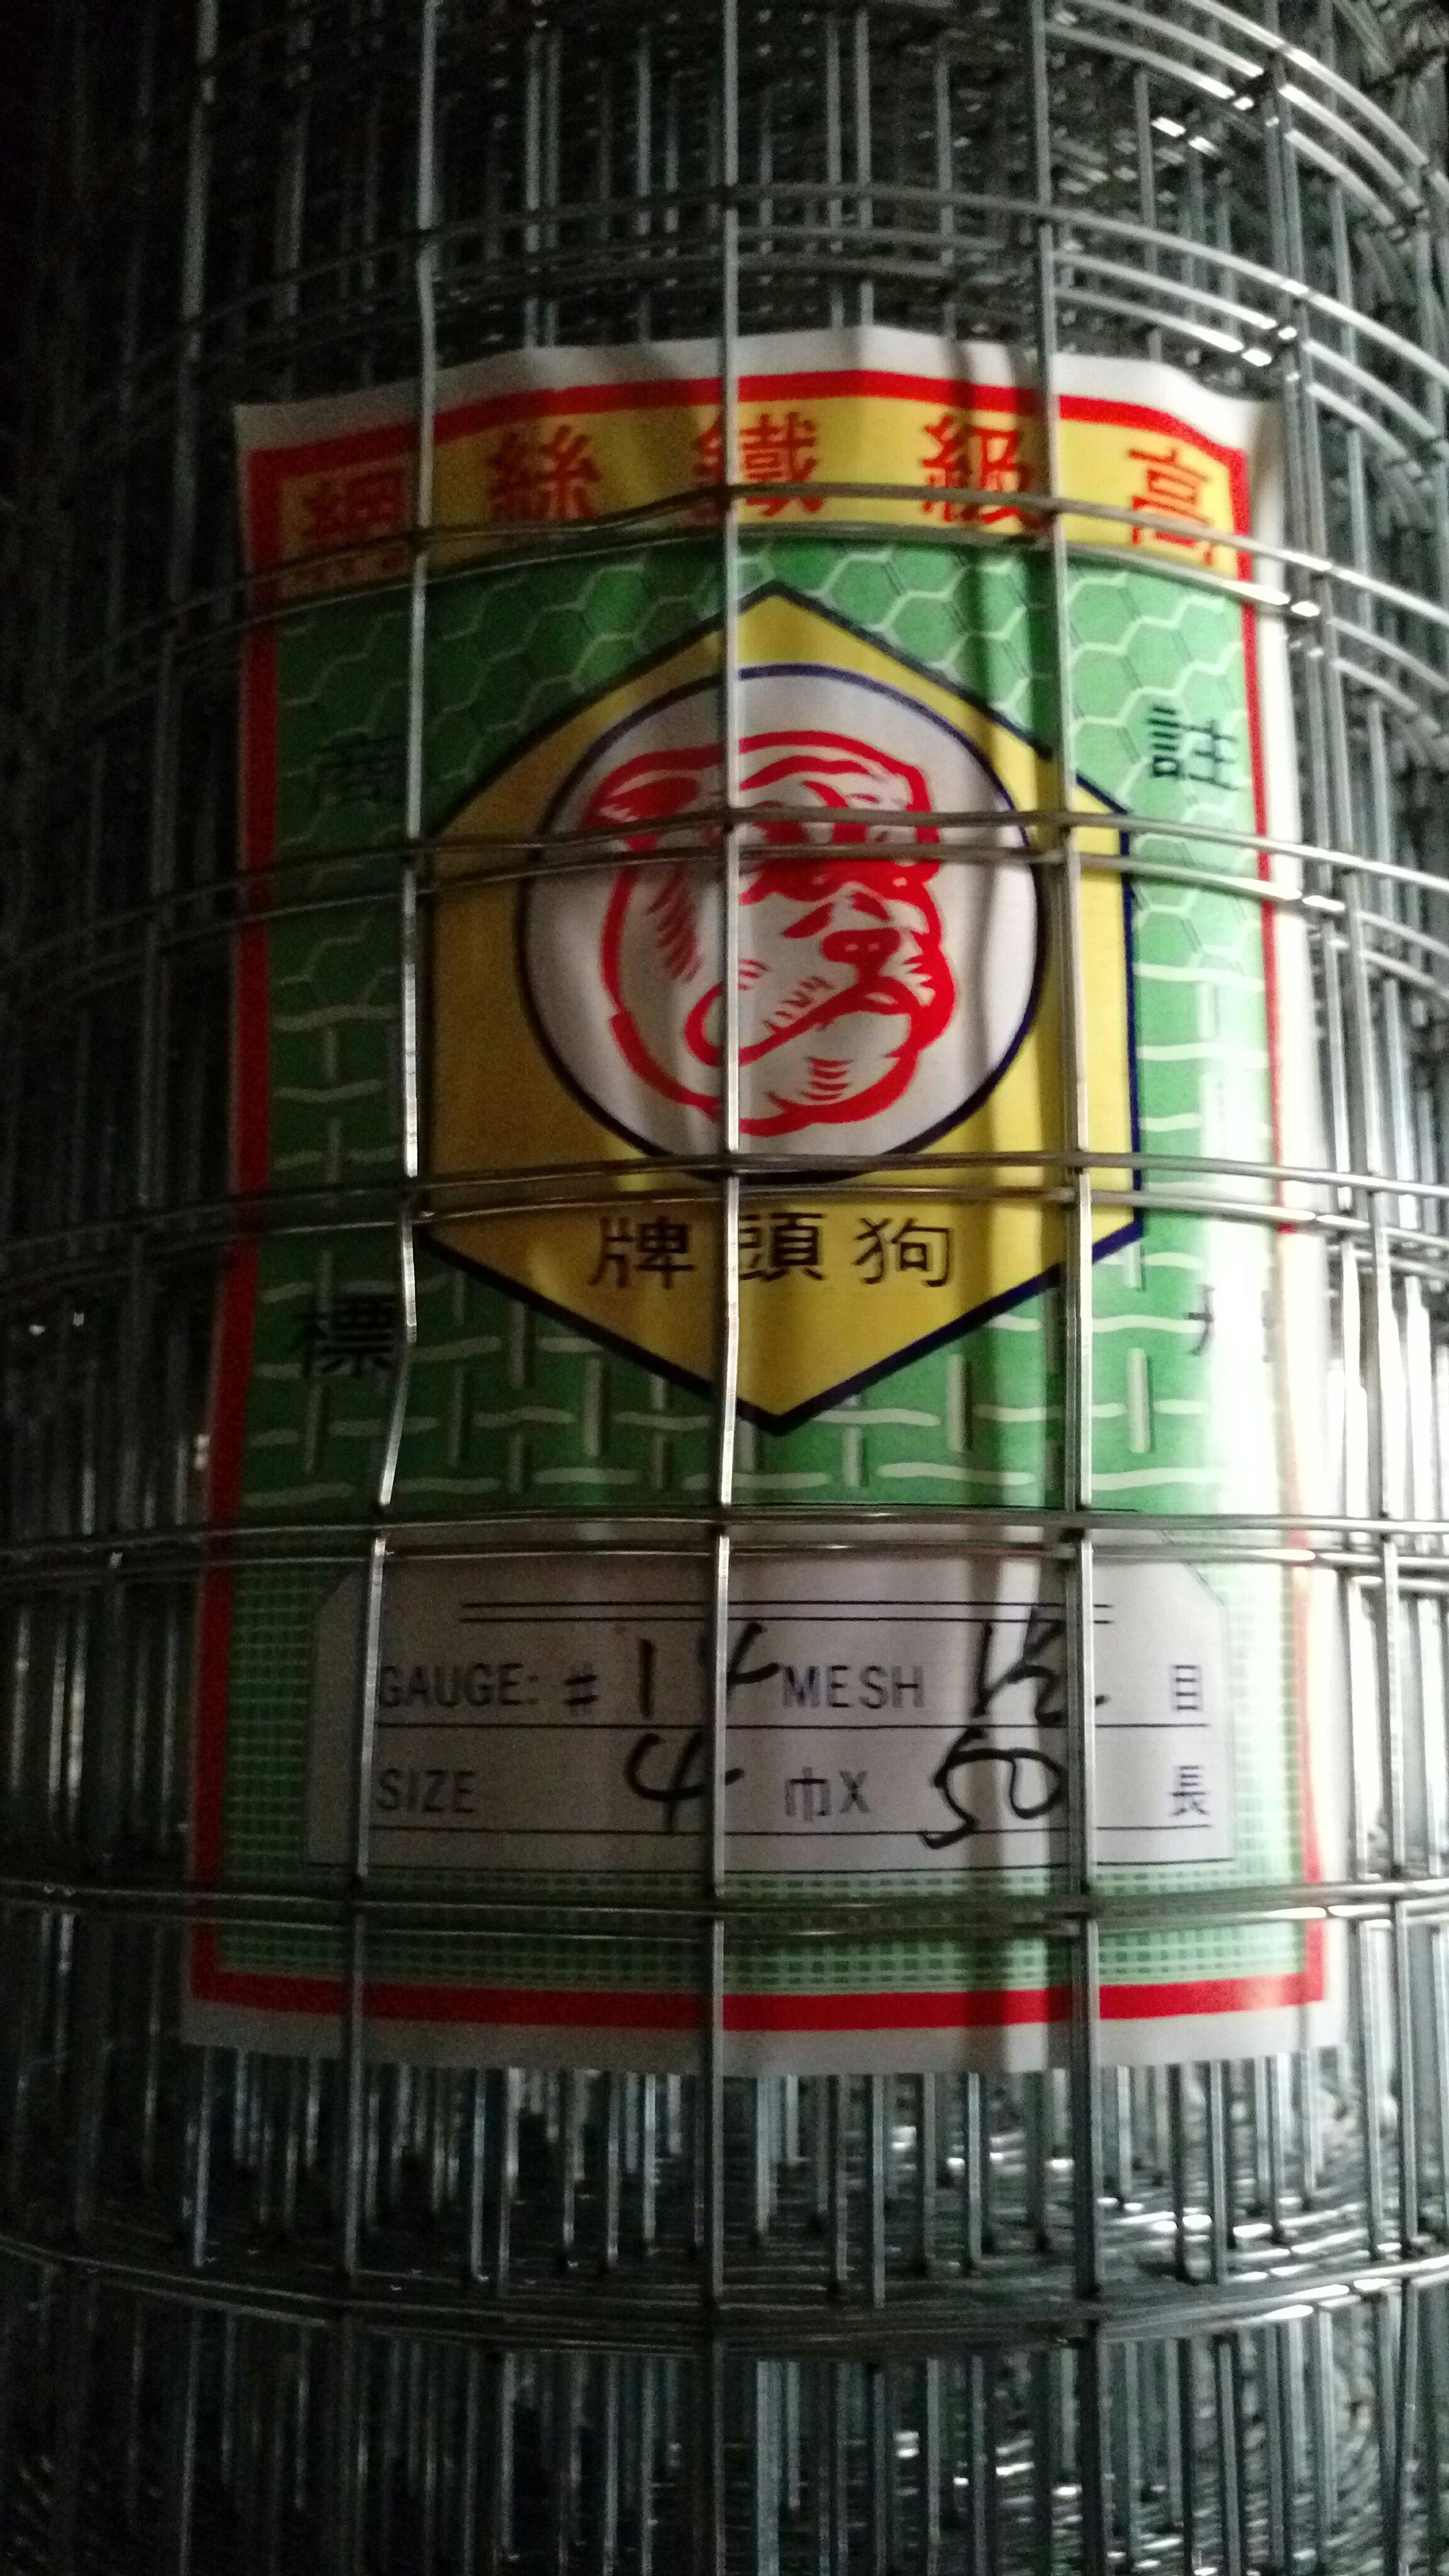 點焊鋼絲網 點焊網 14# 1- 1/2  4尺寬 全長50尺 1英吋半孔 鍍鋅網 鐵網  圍籬_粗俗俗五金大賣場